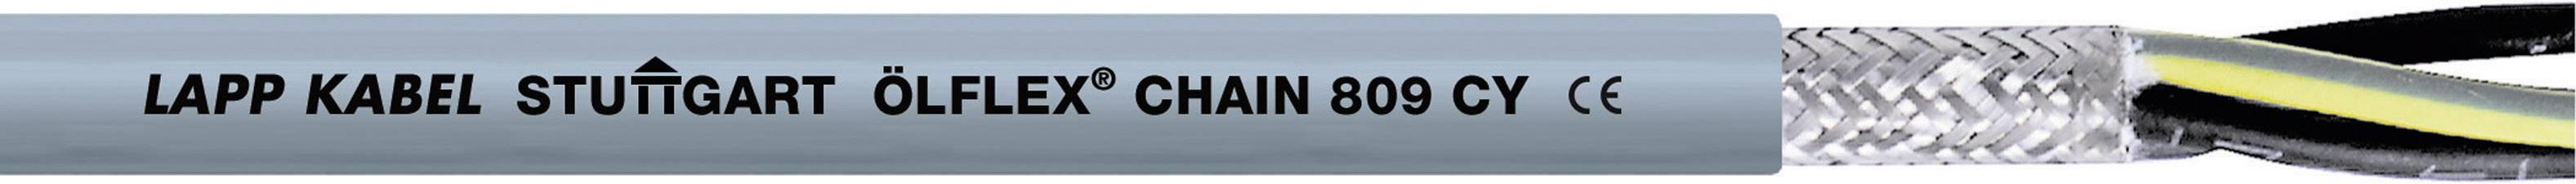 Žíla kabelu LappKabel ÖLFLEX CHAIN 809 CY 7G0,75 (1026763), 7x 0,75 mm², PVC, Ø 9,1 mm, stíněný, 50 m, šedá